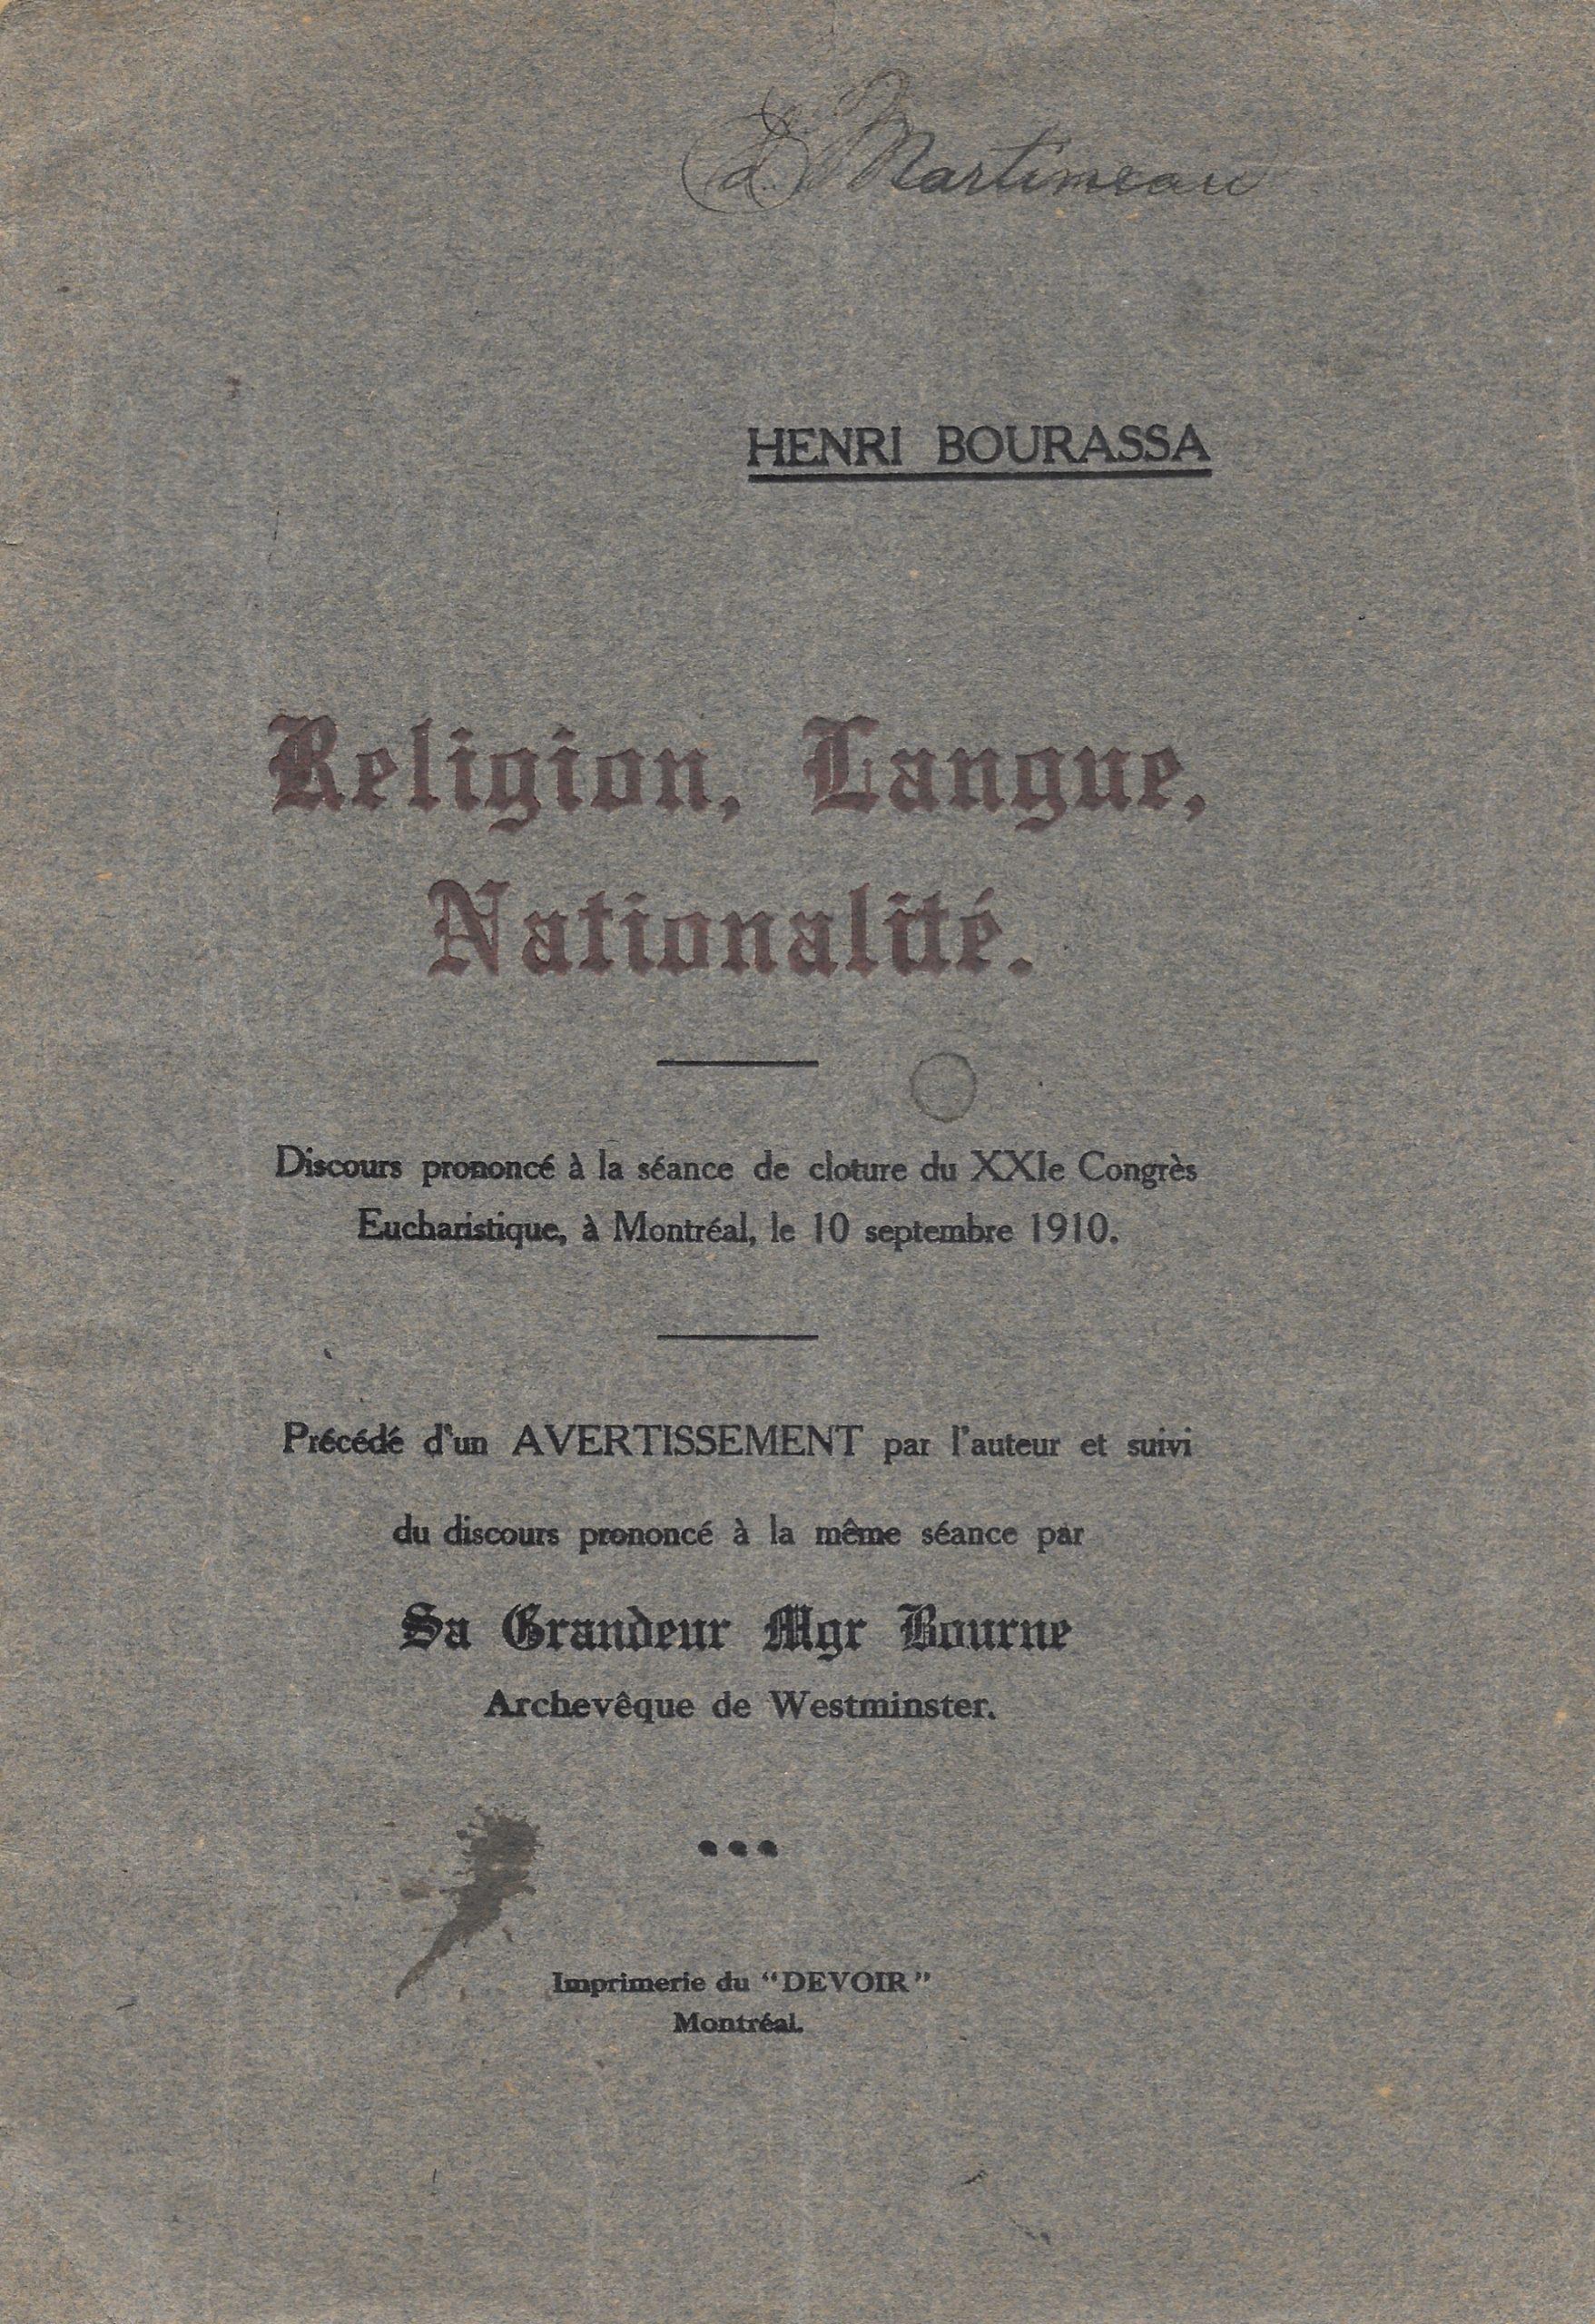 Henri Bourassa, Religion, langue, nationalité, 1910 (?), couverture